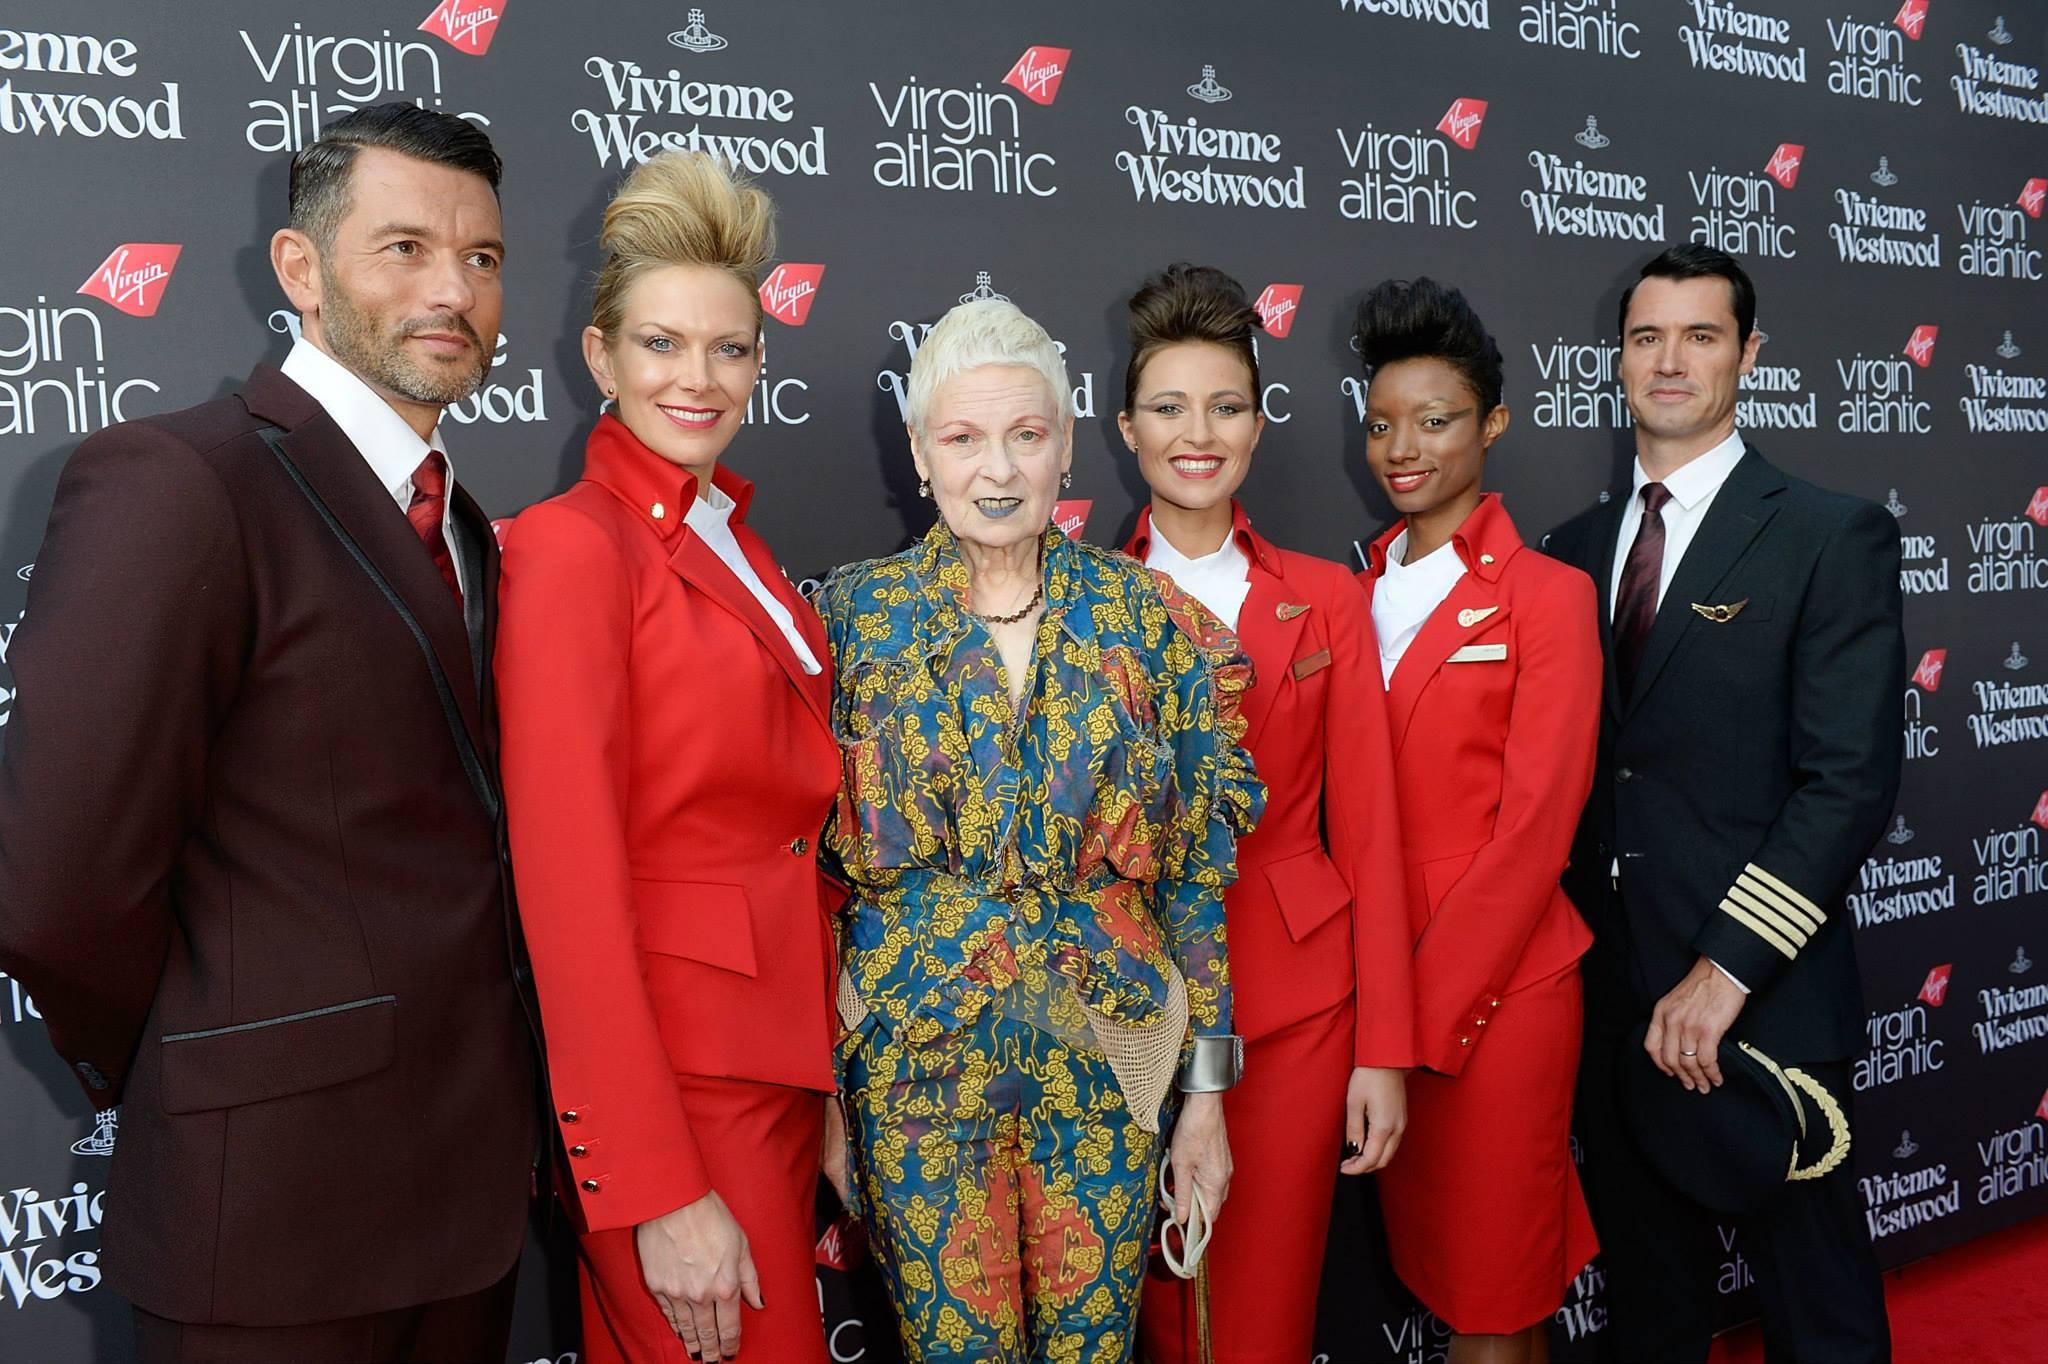 Elstartoltak Vivienne Westwood Virgin stewardessei - minden-mas, ujdonsagok -